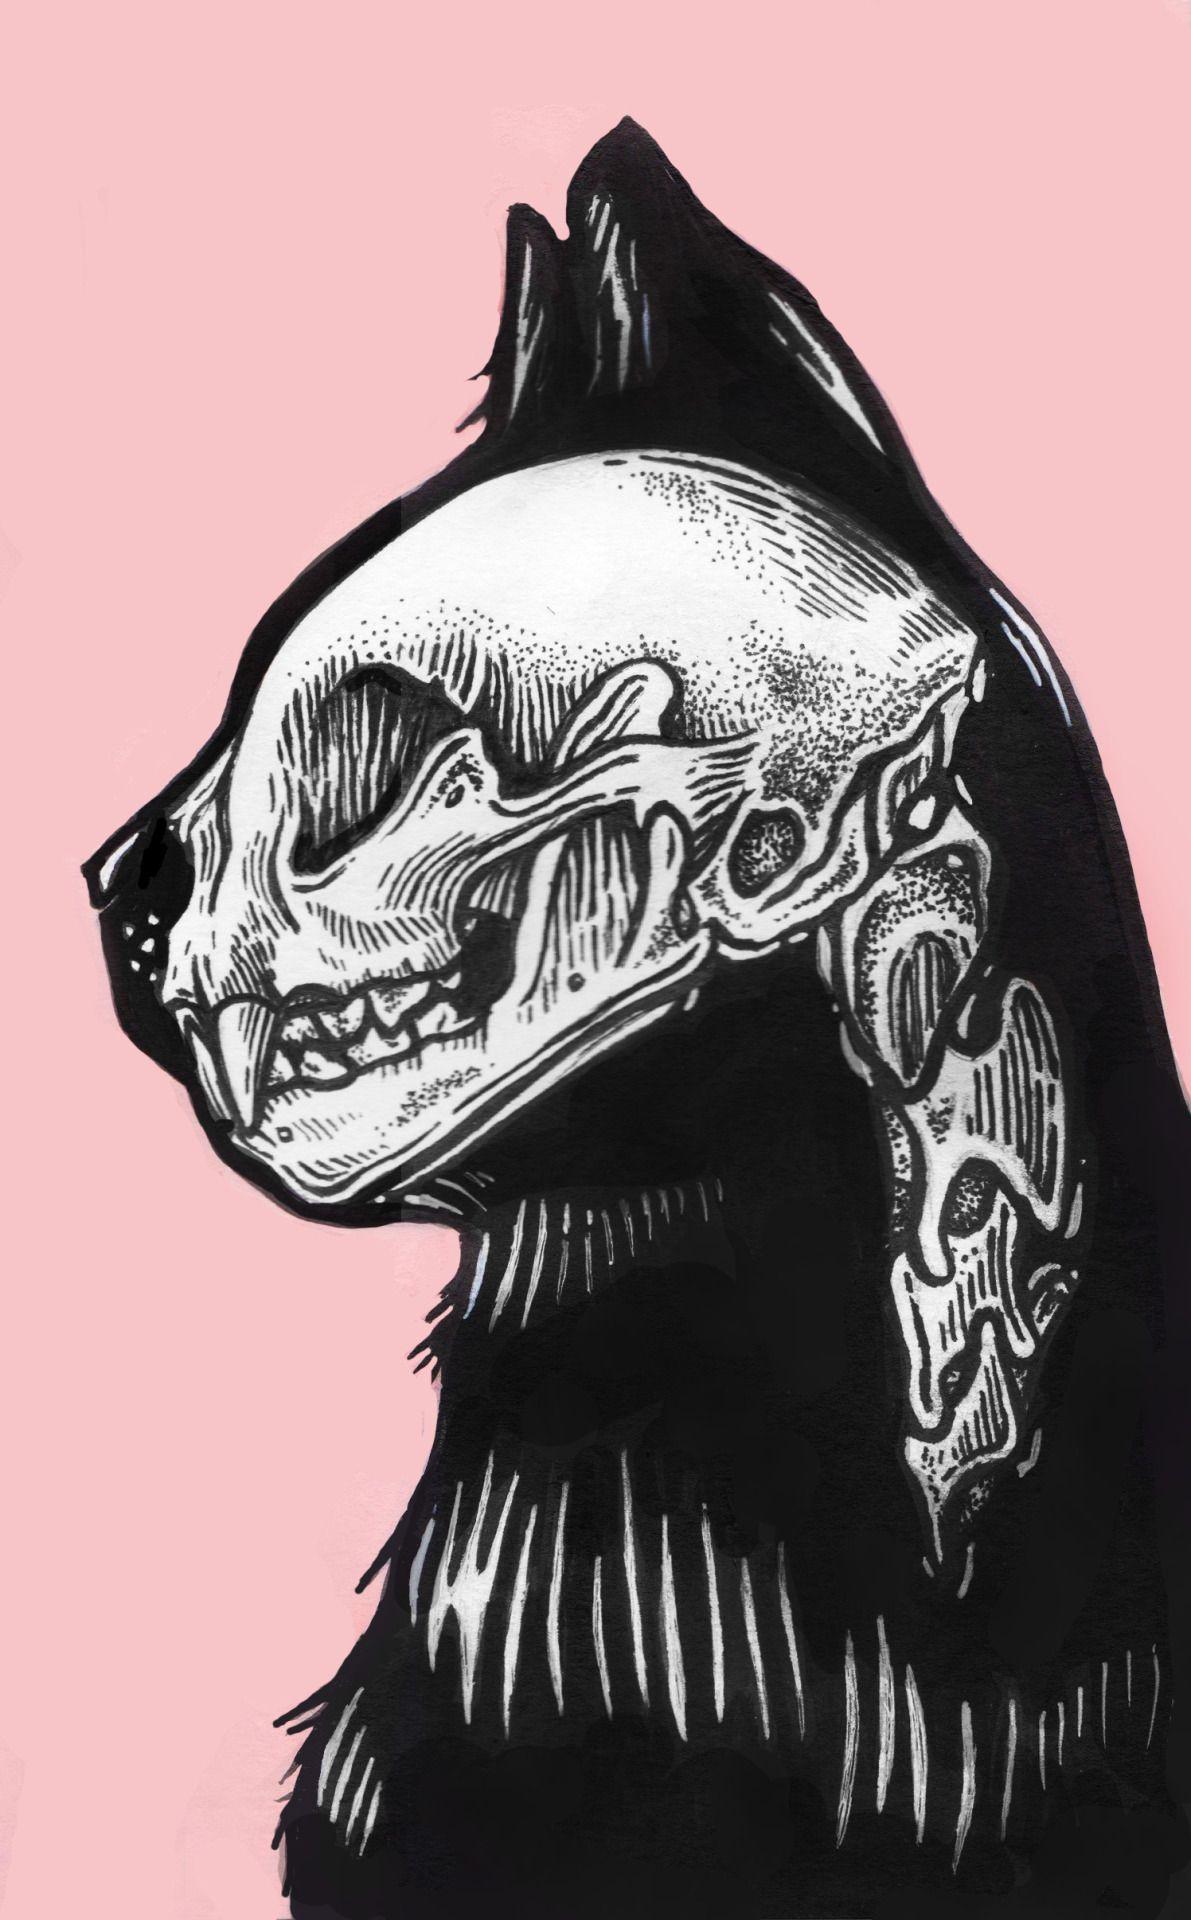 EatSleepDraw | Art | Pinterest | Fondos, Gato y Dibujo